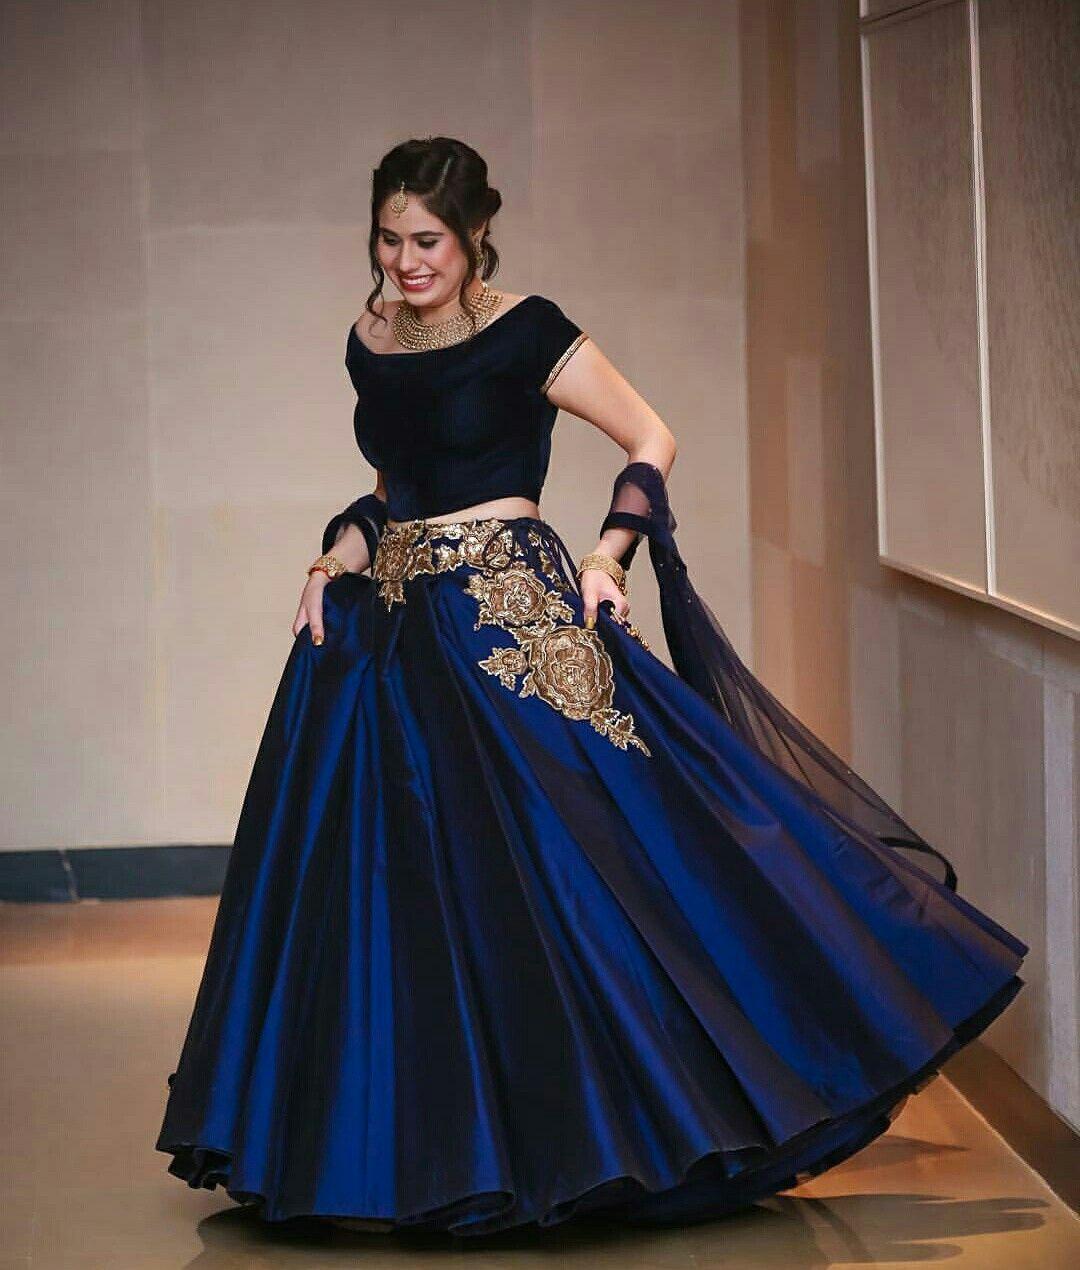 Lehenga Bridallehenga Embroidery Manishmalhotra Hairstyle Bun Weddingphotography Photography Dresses Lehenga Designs Pakistani Dresses